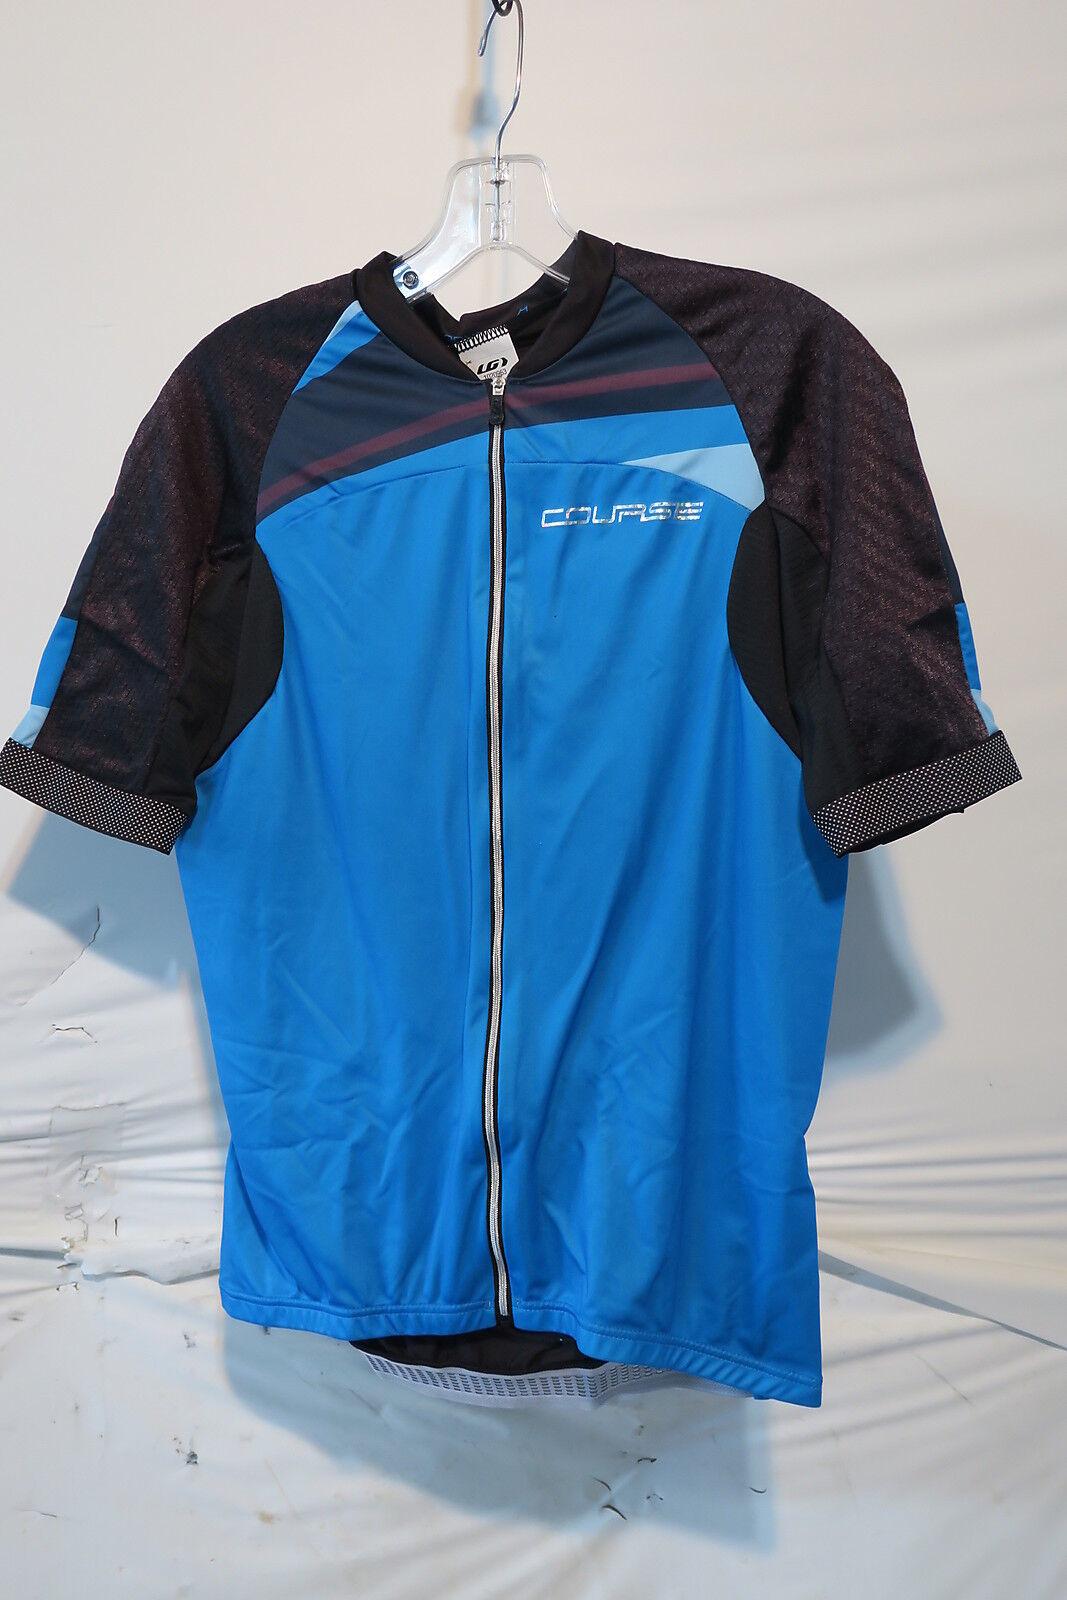 Louis Garneau Elite M-2 Cycling Jersey Men's 3XL Course bluee Retail  149.99